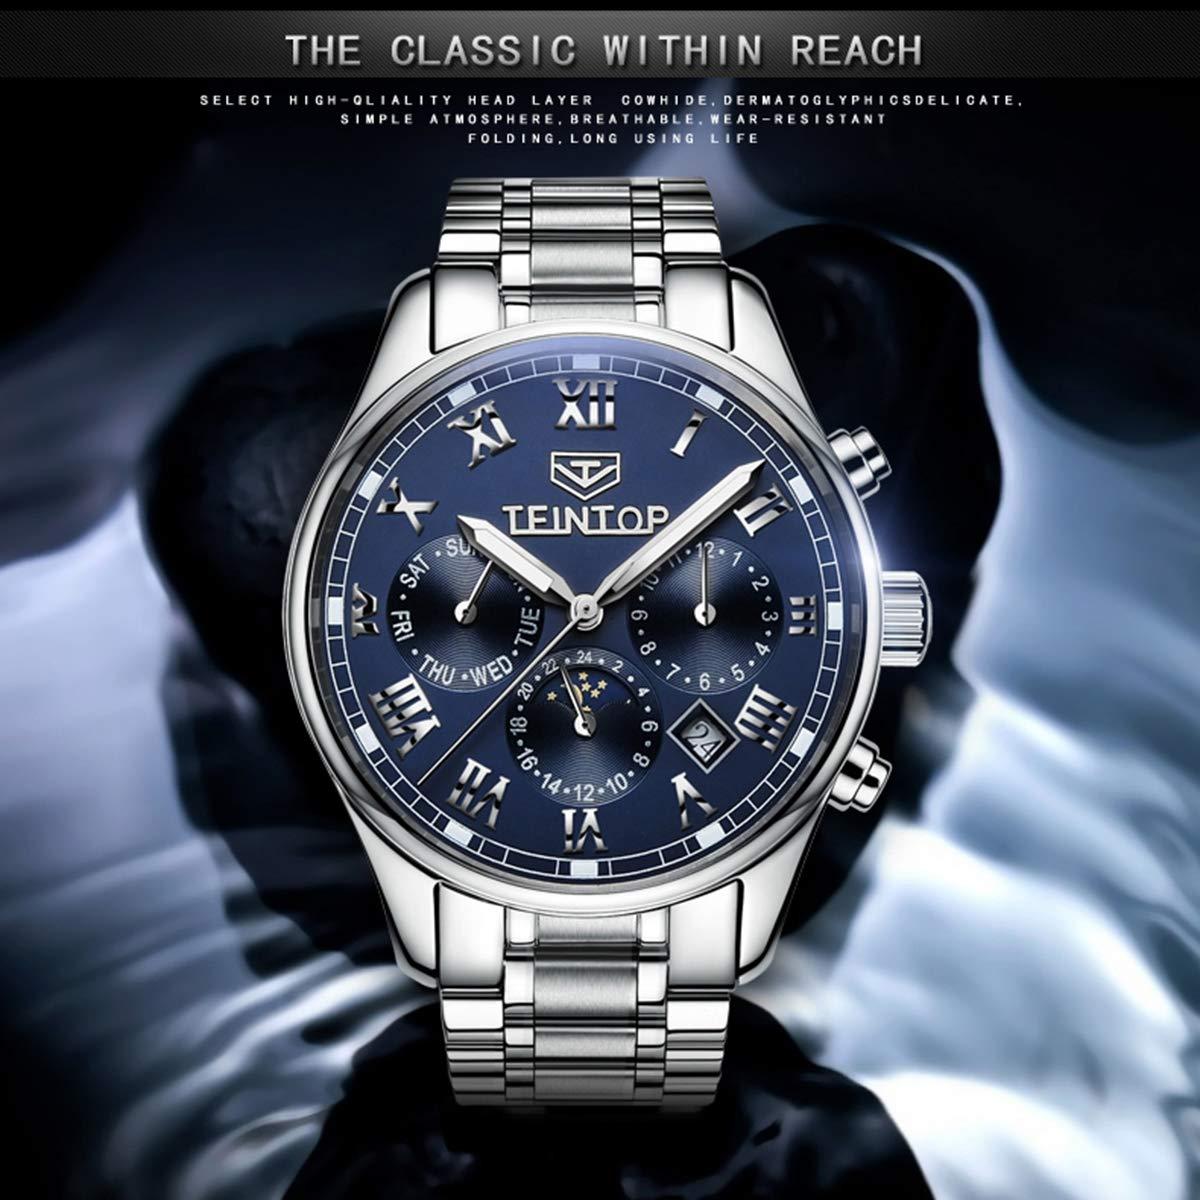 TEINTOP automatisk mekanisk klocka män märke herrklockor månfas safir blå klocka vattentäta klockor Colorb